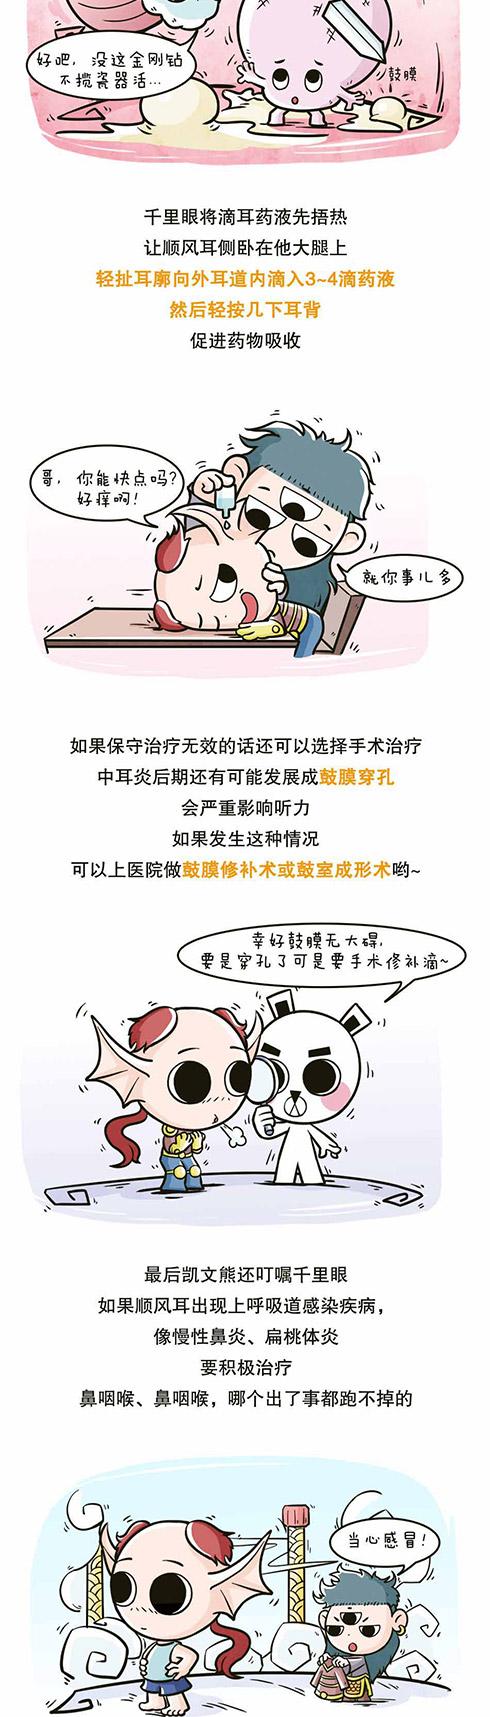 zhongeryan_05